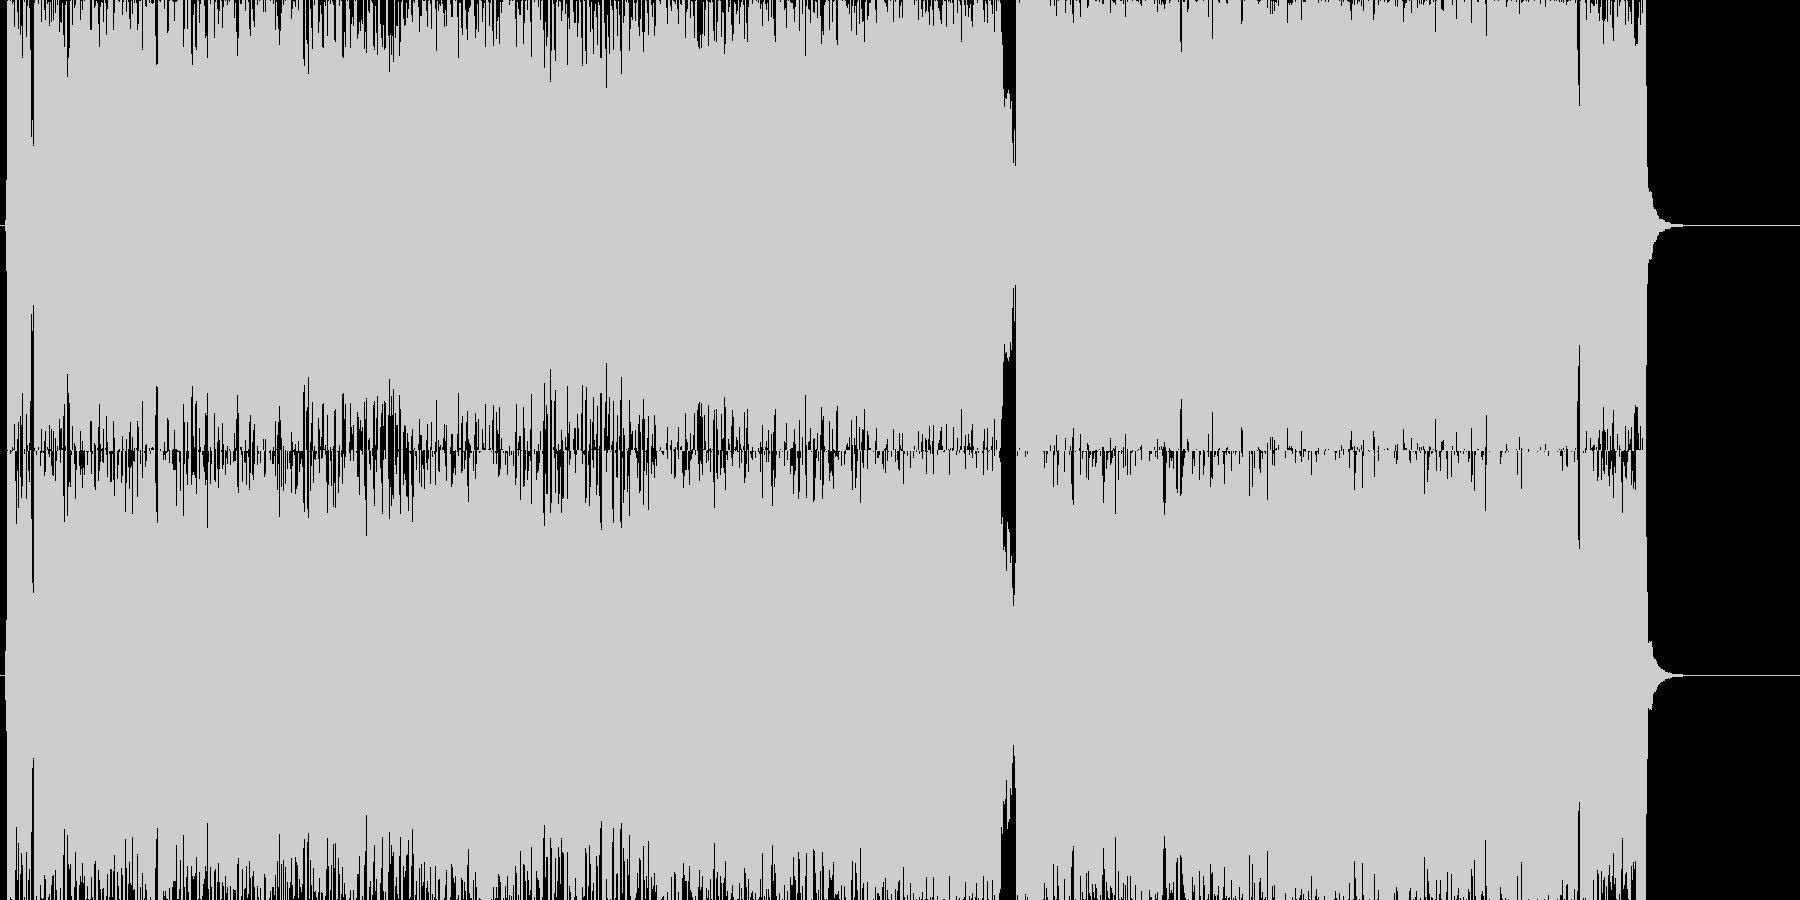 ゲーム用戦闘曲ハードロック1の未再生の波形